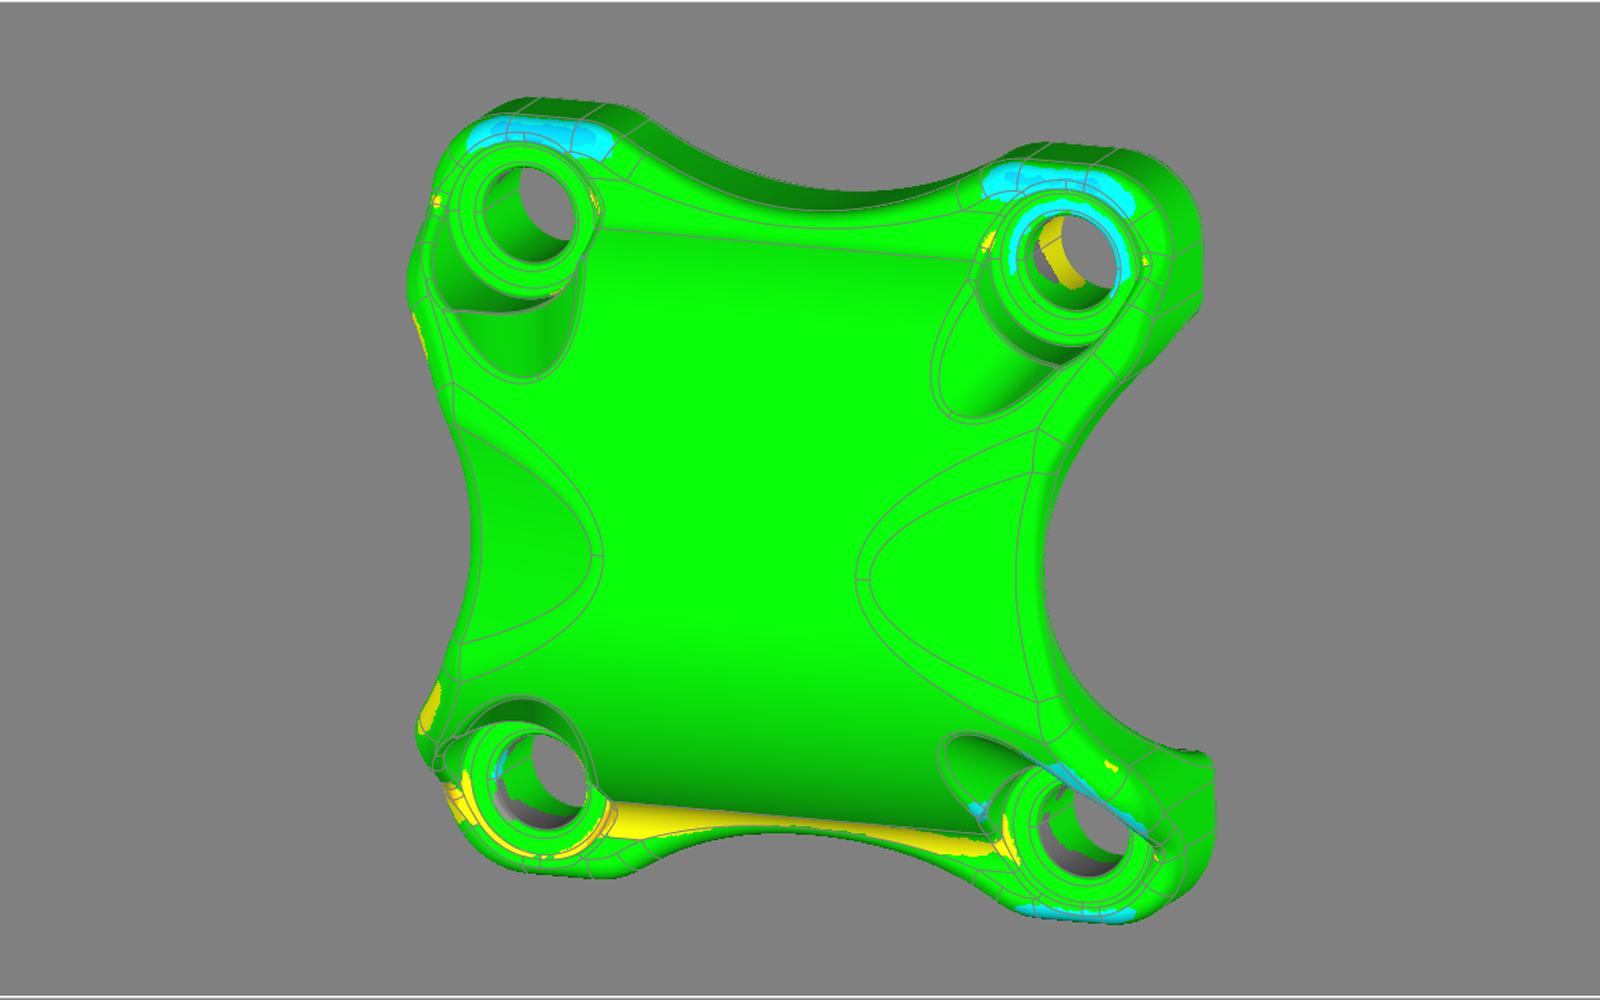 Conap 3D Reverse Engineering - Fahrradvorbau auf dem Messtisch